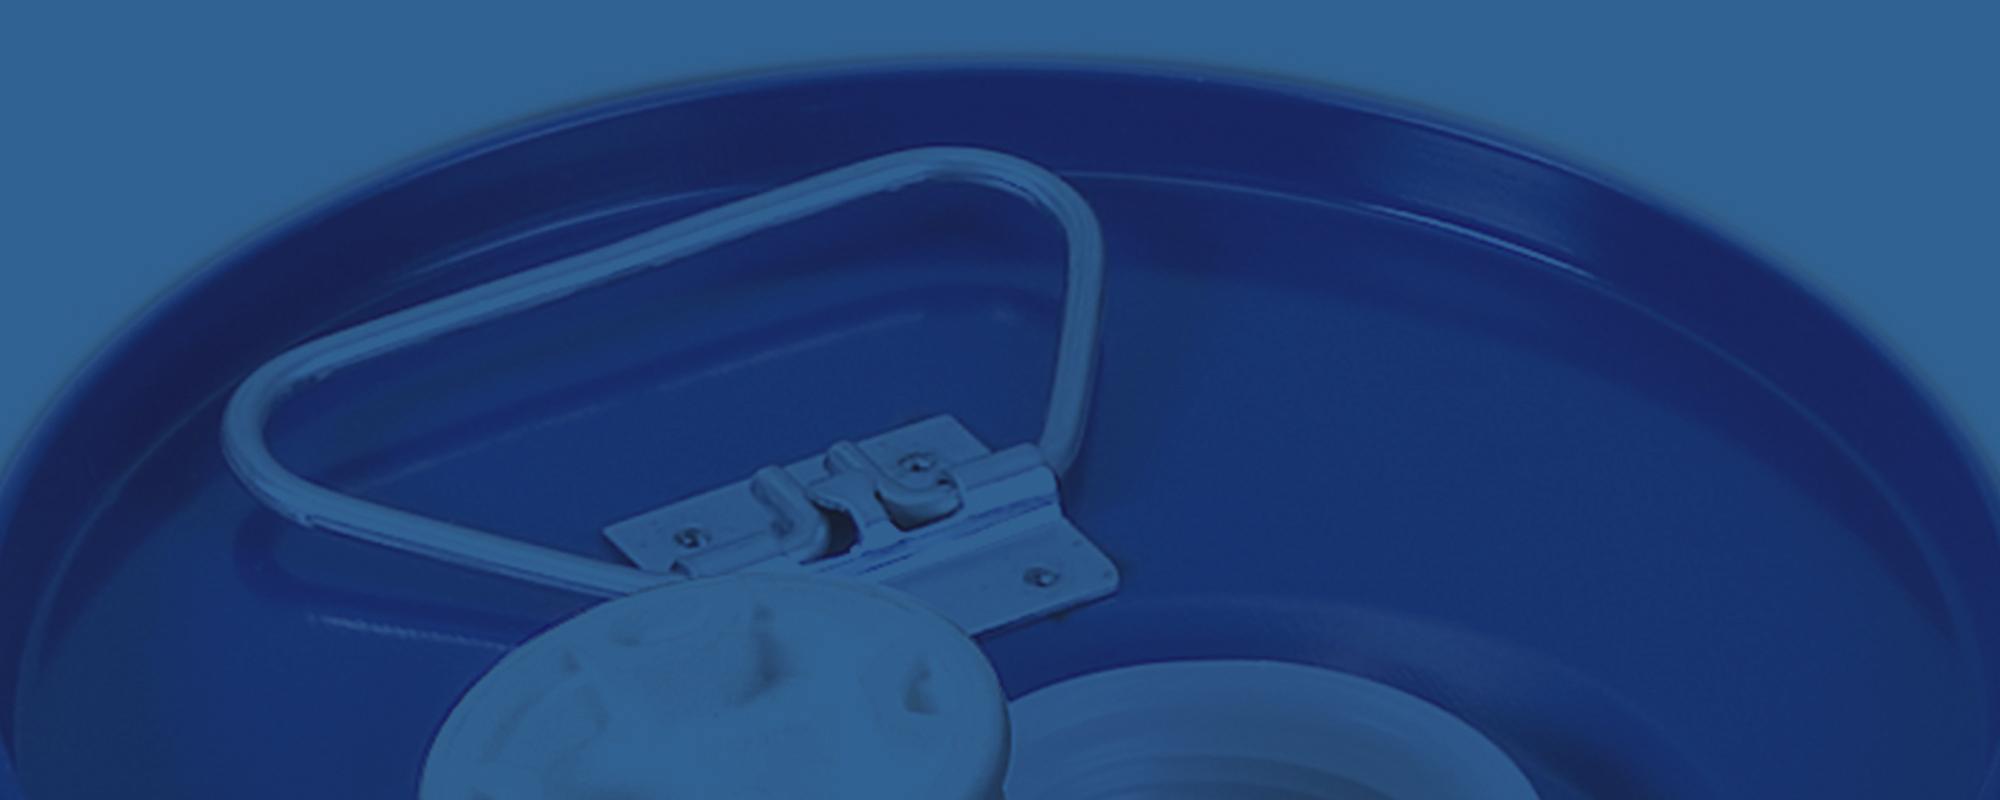 BG Spacer 03 WESER Industrieverpackungen Gefahrgutverpackungen · NRW